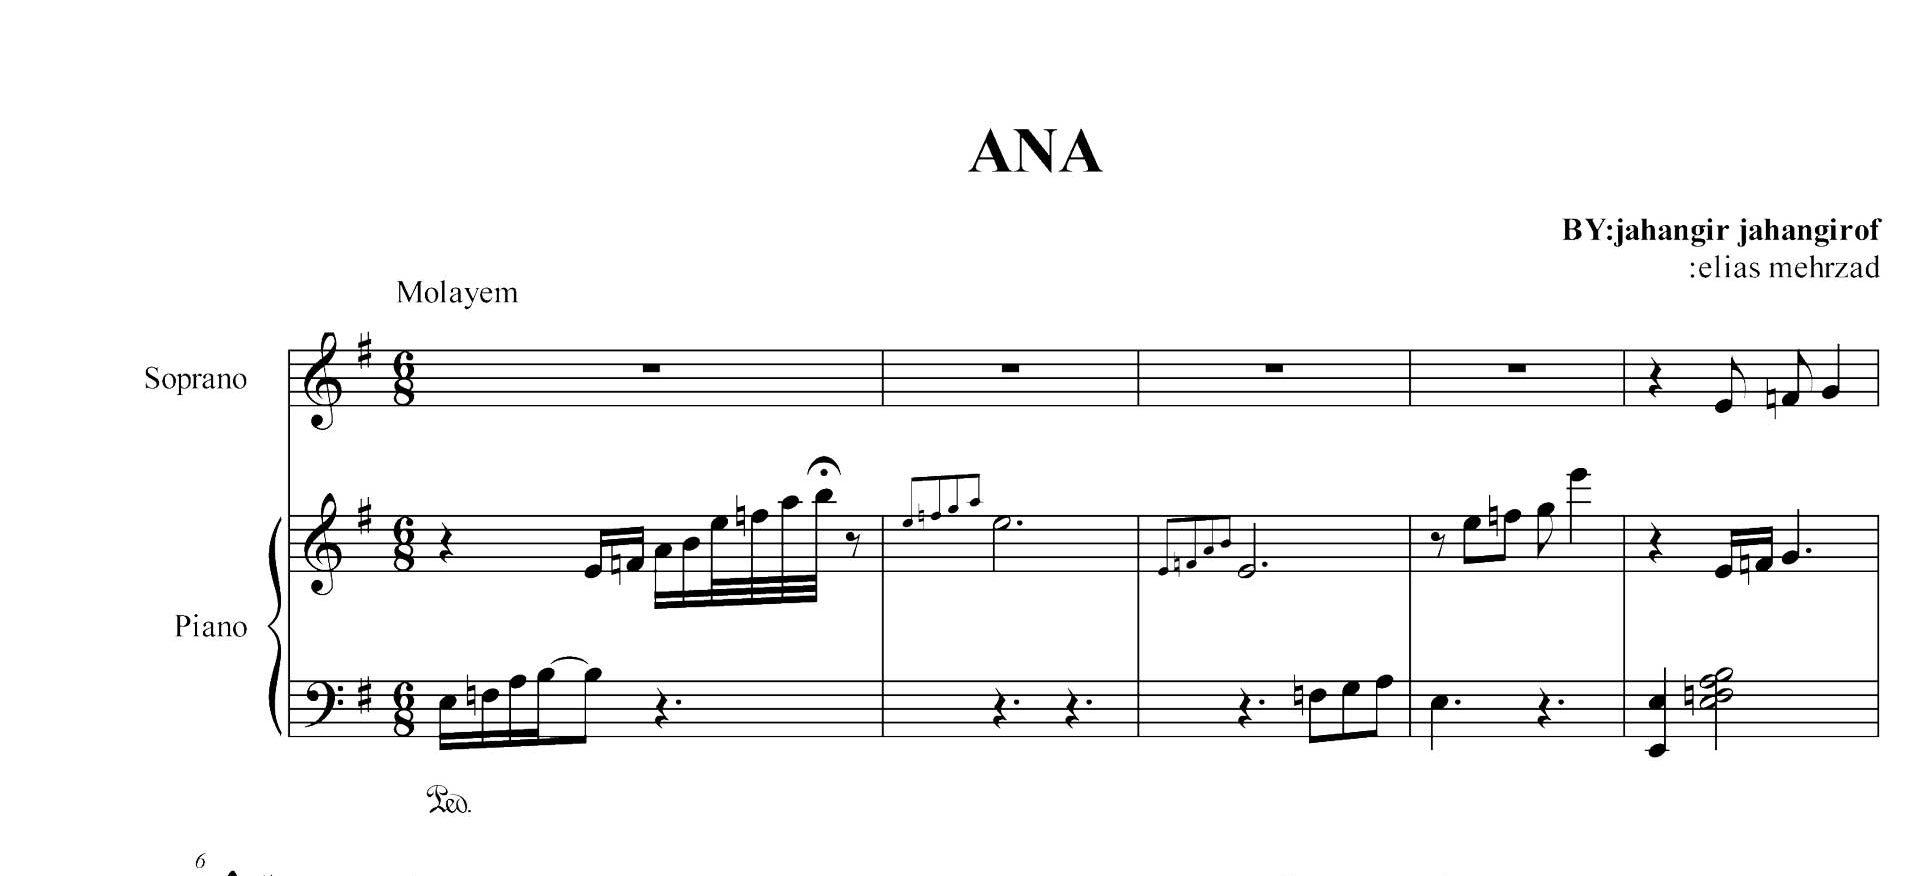 نت آذری آنا برای پیانو به همراه نت وکال قطعه